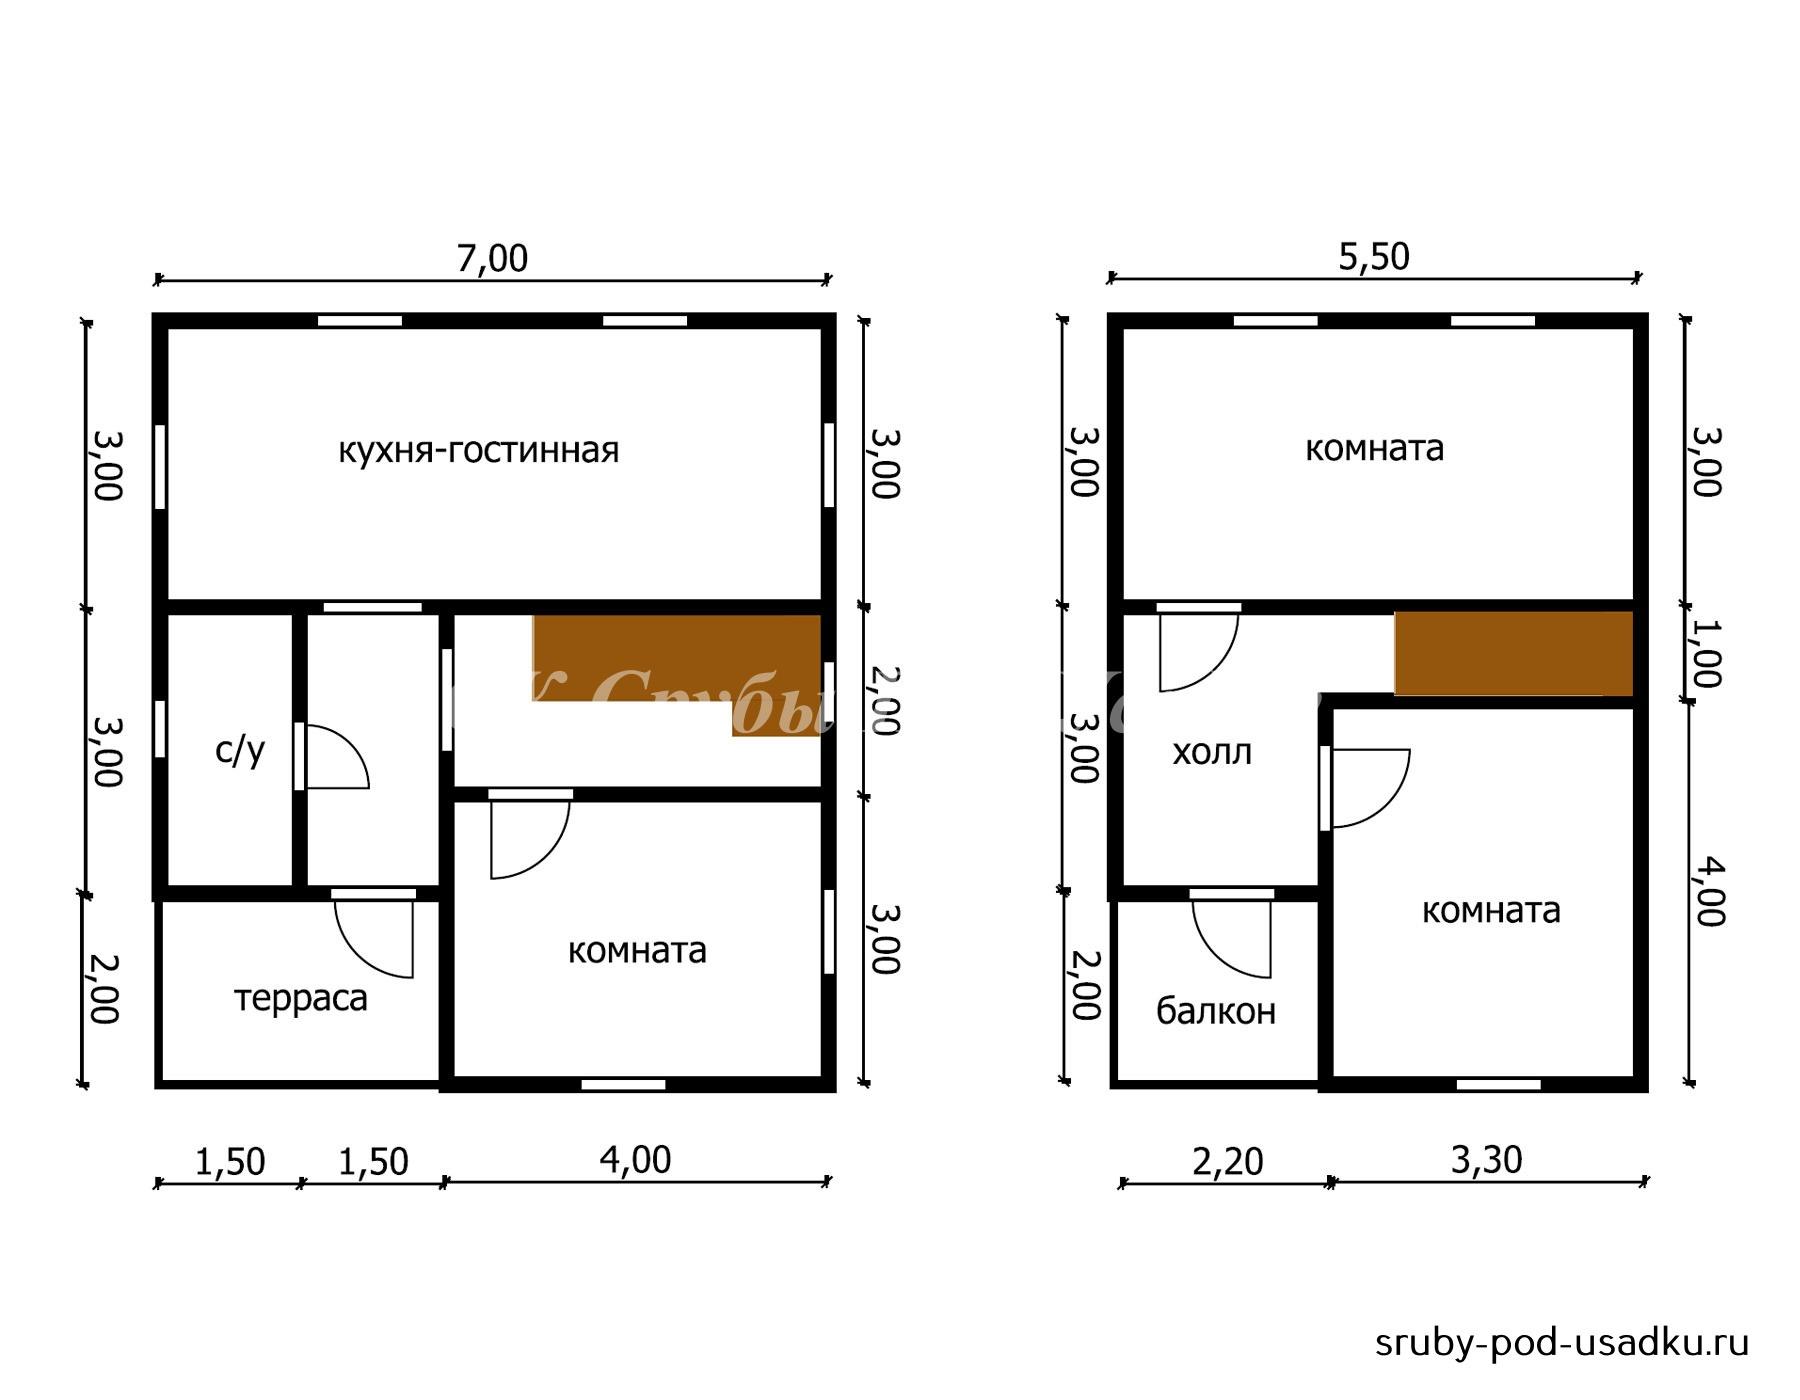 Дом из бруса под усадку 7х8 м №40